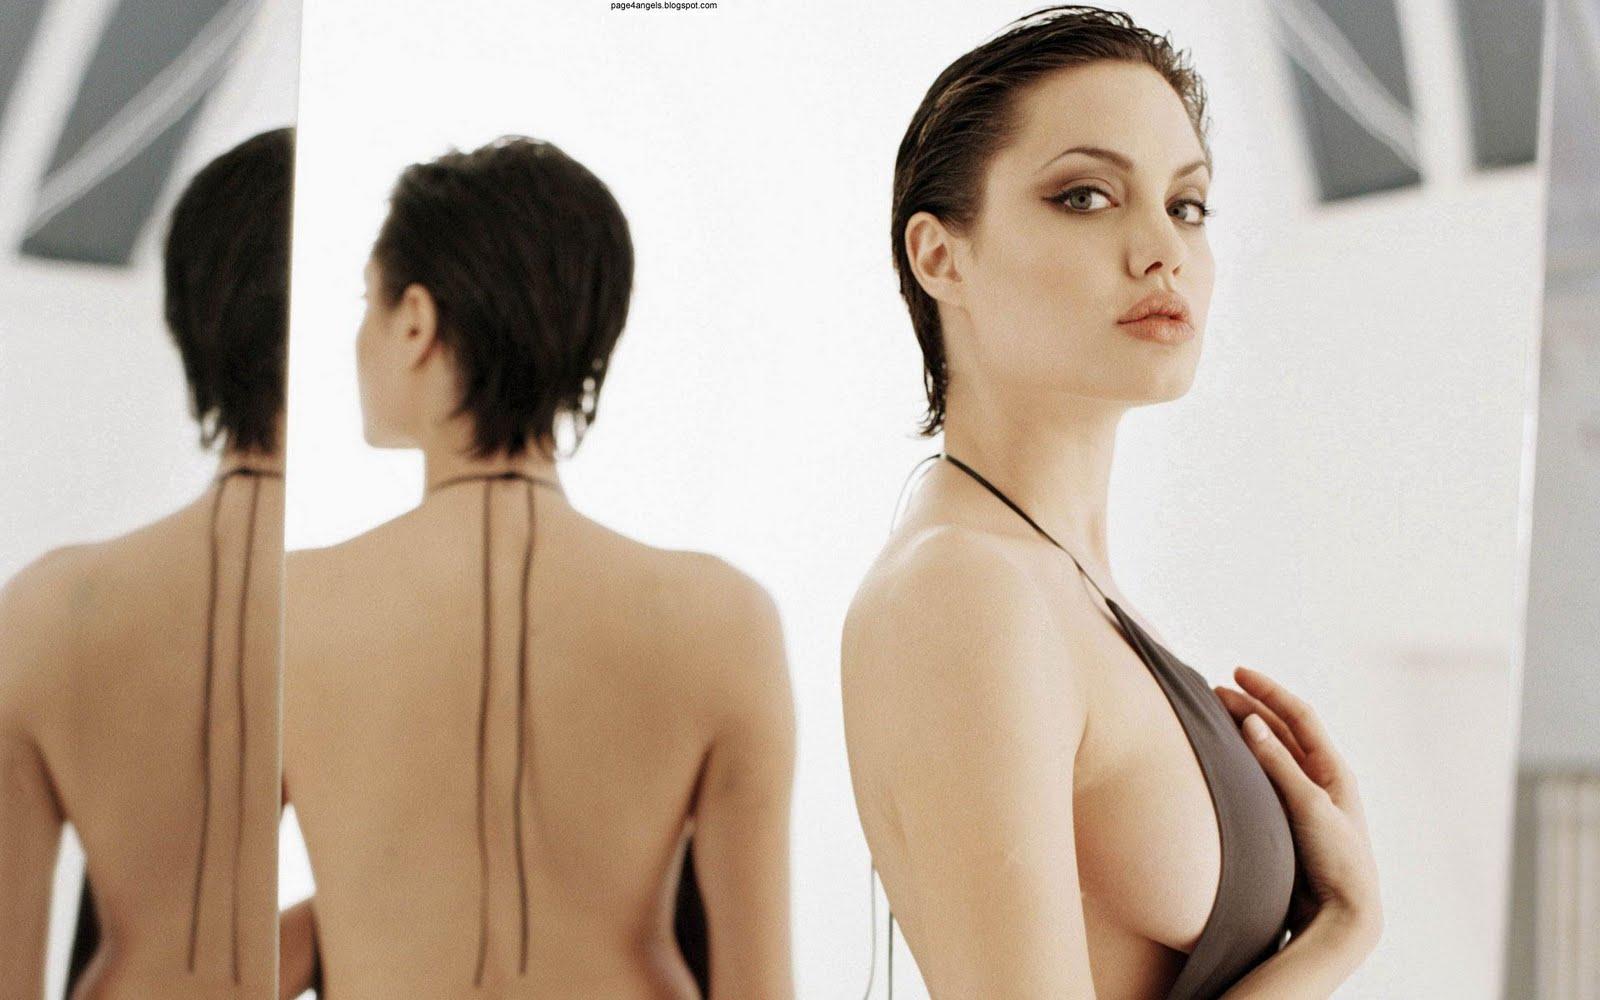 http://4.bp.blogspot.com/-fCgkVHe7I_o/T6JX1PtR7-I/AAAAAAAABKM/UiSGYrlK5JU/s1600/Angelina_Jolie_Hot_Wallpapers_17.jpg